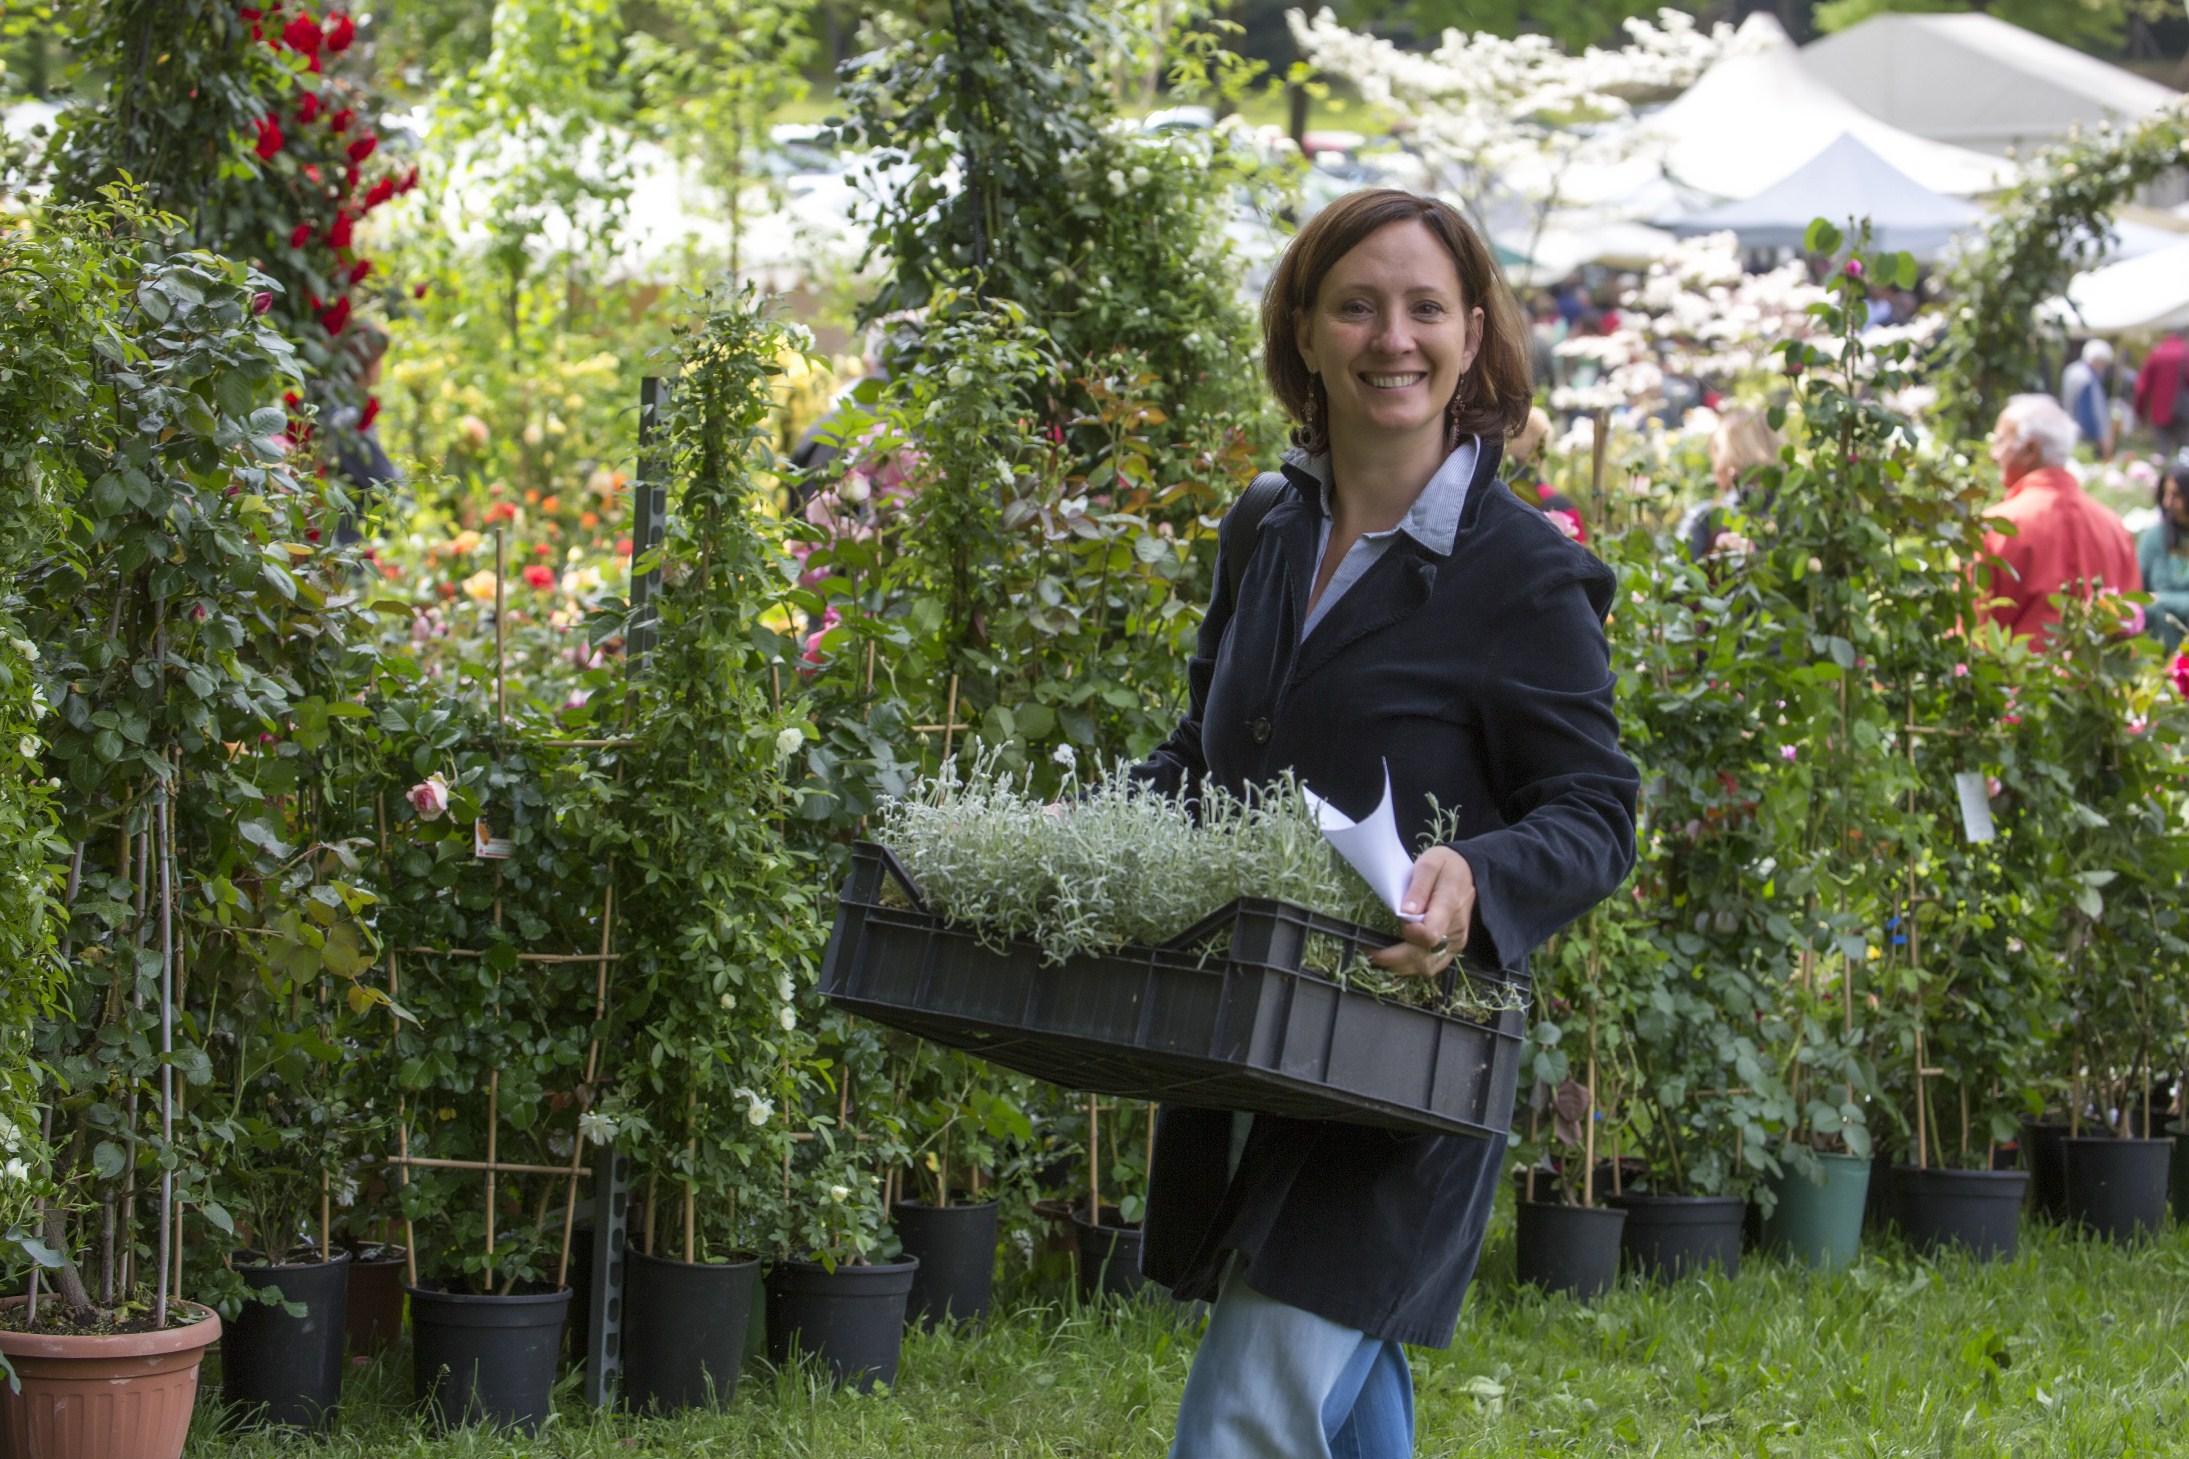 FAI, Tre giorni per il giardino: una mostra per il florovivaismo di qualità